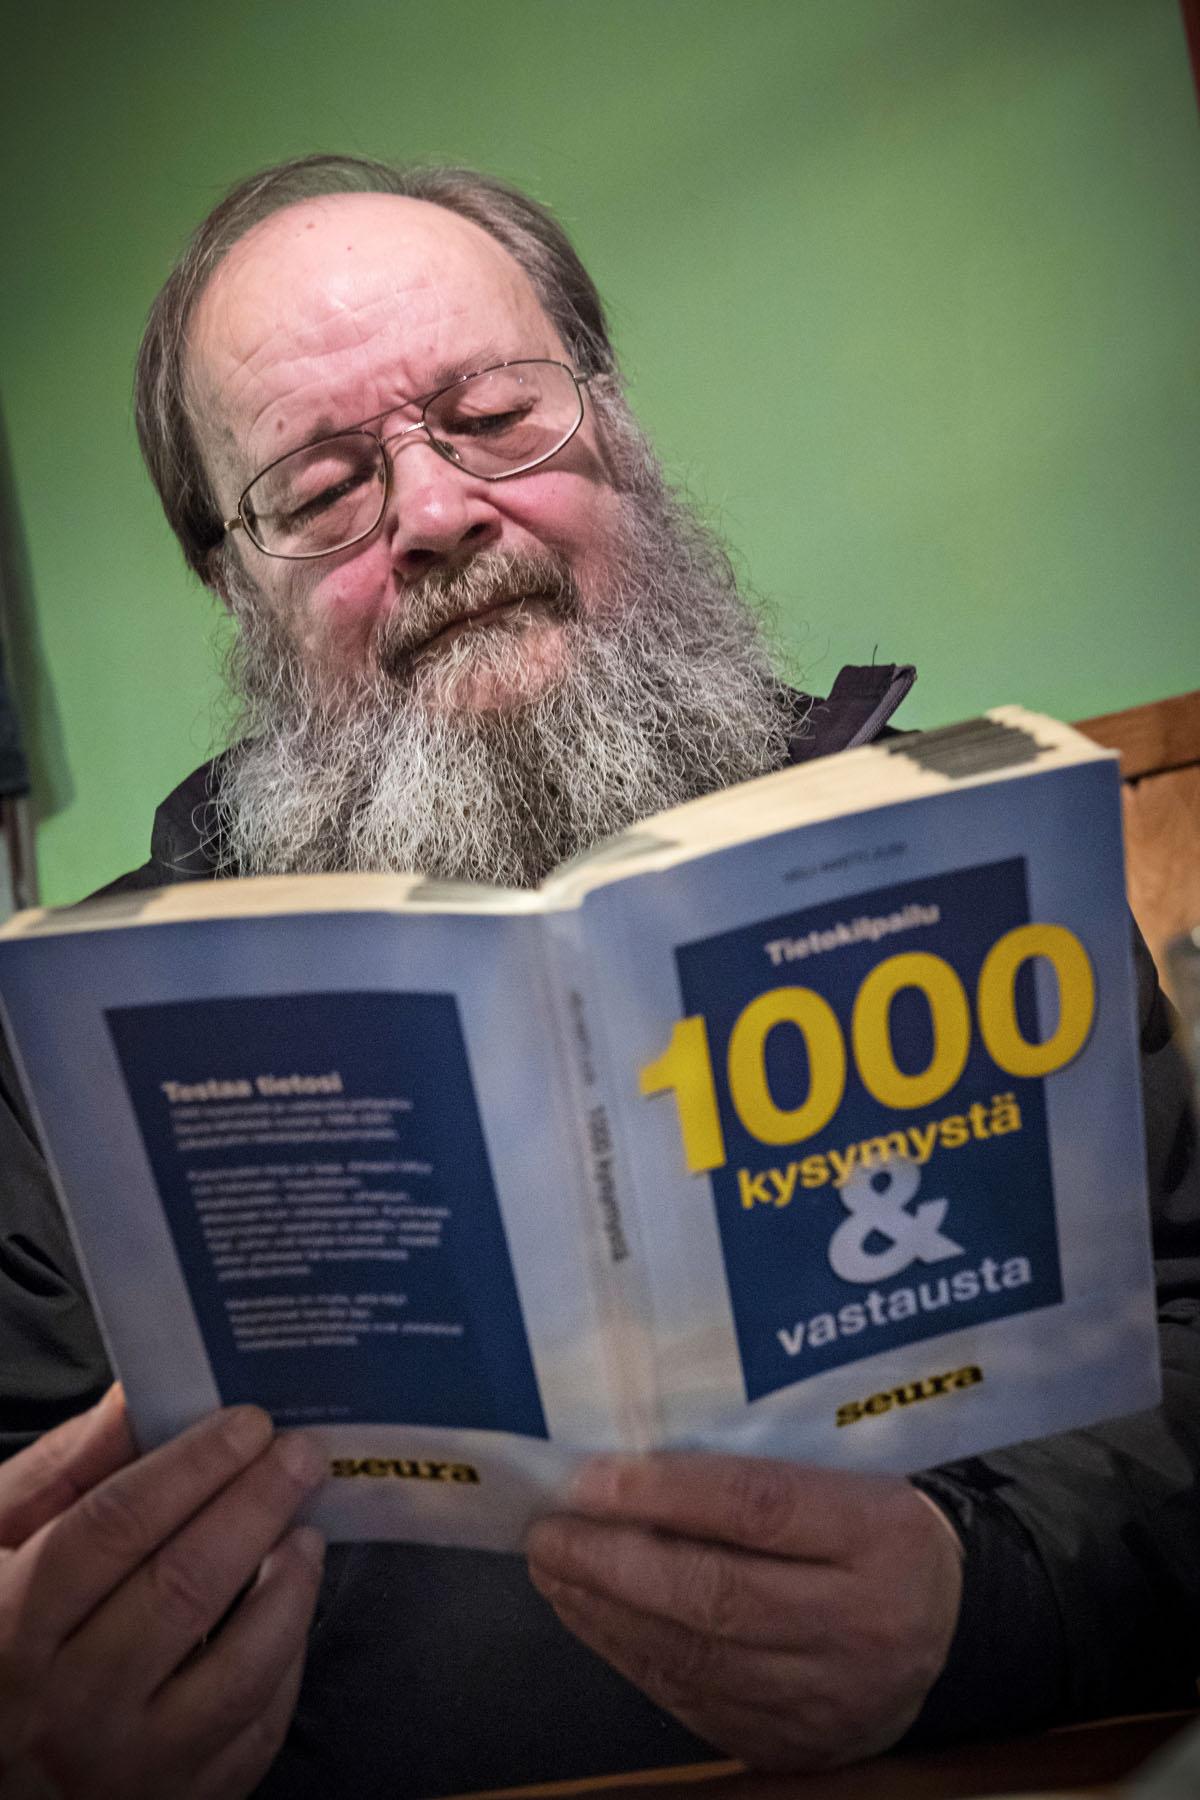 Sakari Koivunen ja Juha Immonen ovat unohtaneet vanhat erimielisyytensä ja nykyään Koivunen poikkeaa lähiökapakassaan muutaman kerran viikossa.